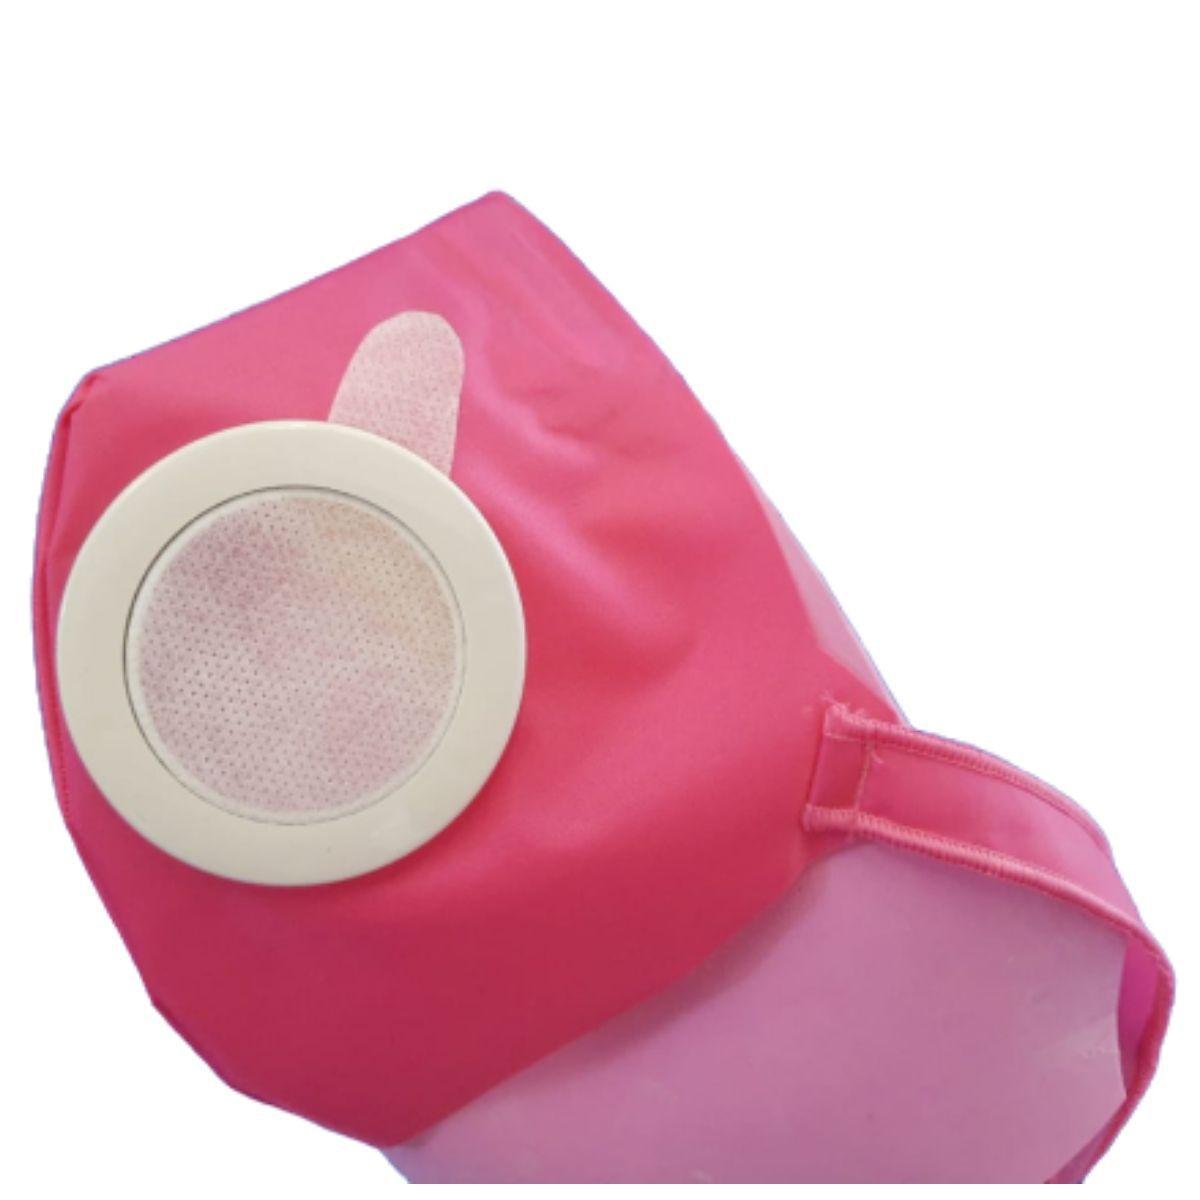 Kit Máscara Protetiva Ajustável Regulável Azul E Rosa Com 100 Filtros - 100 REFIL ROSA